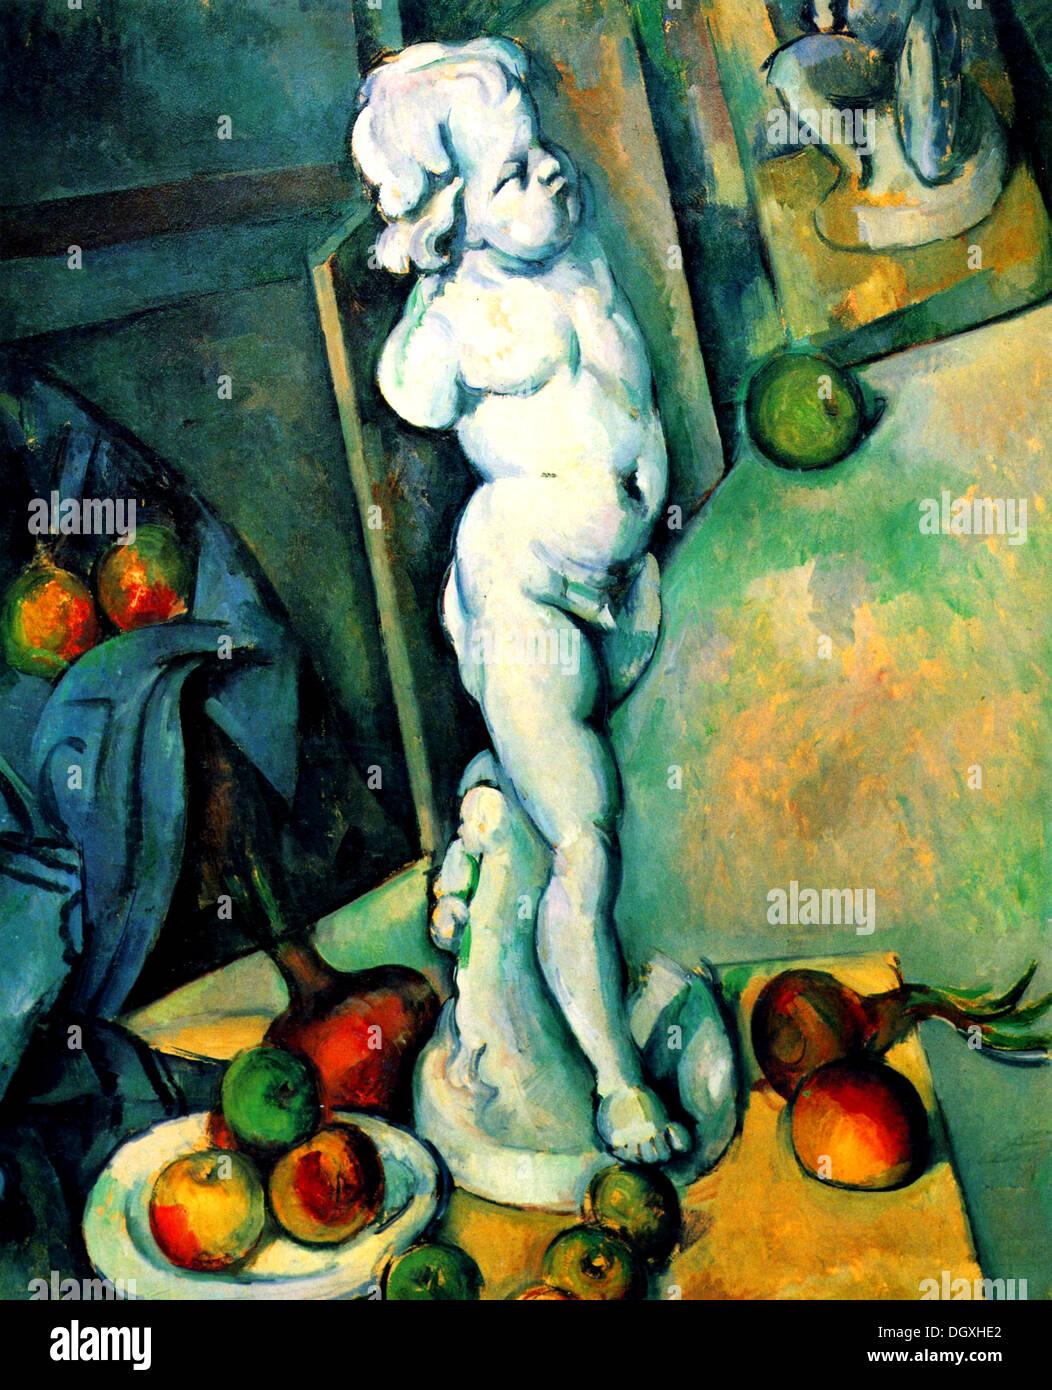 Nature morte avec chérubin - par Paul Cézanne, 1895 Photo Stock